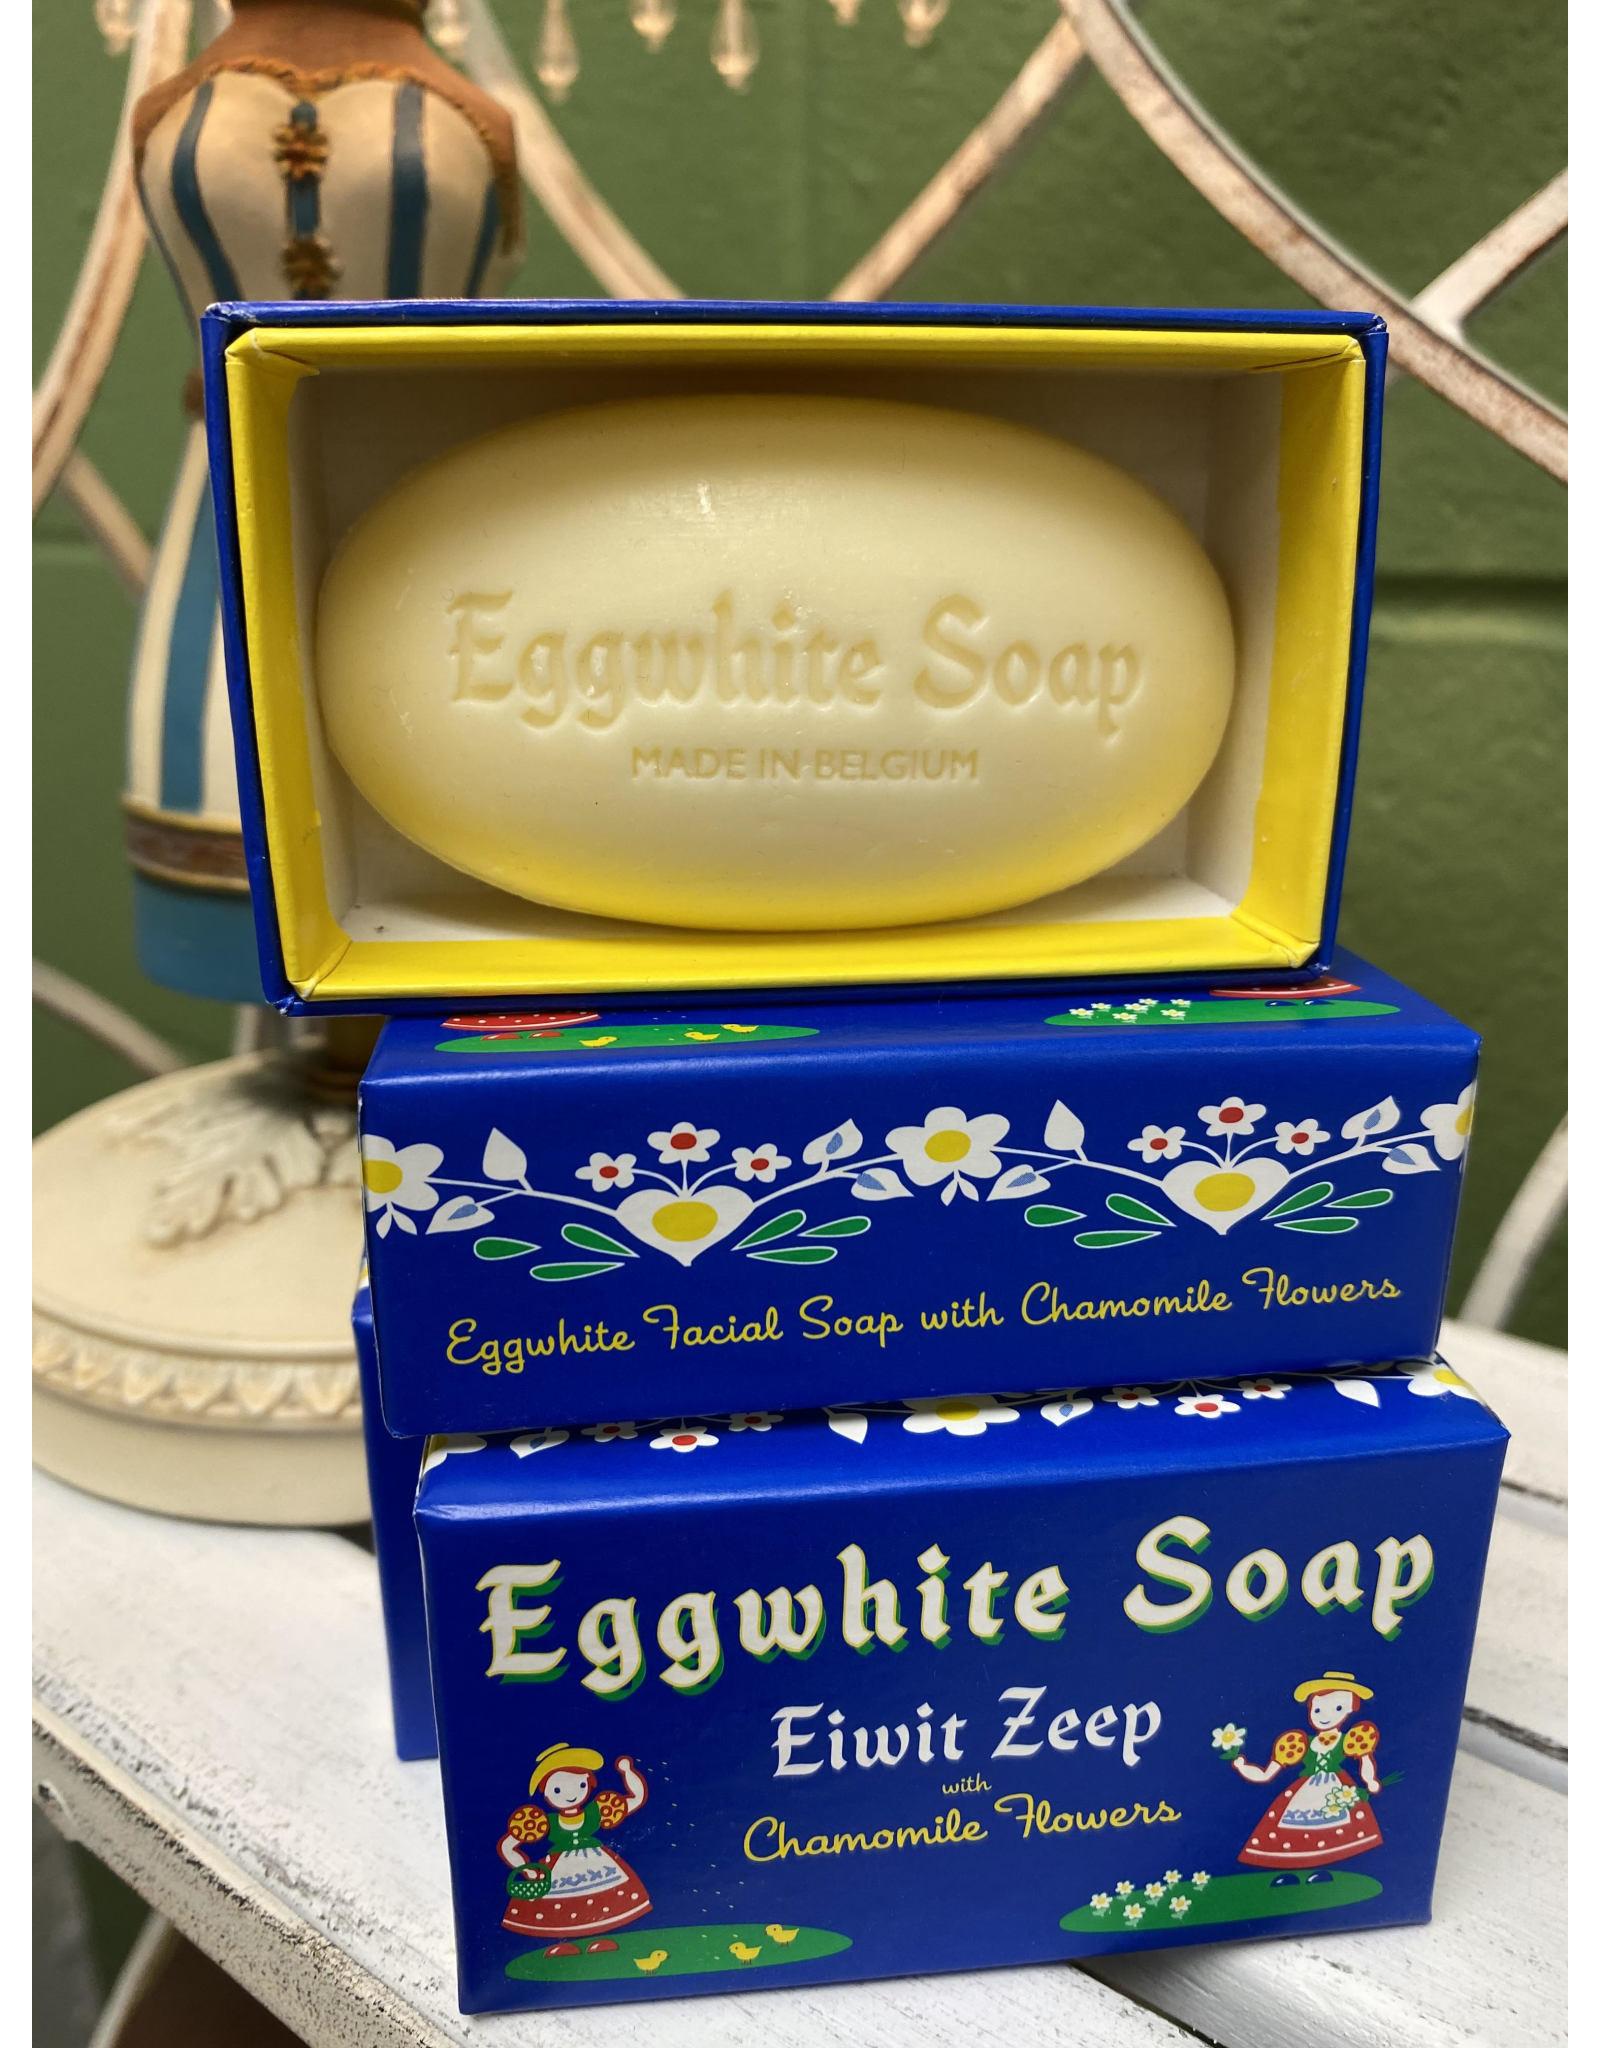 Eggwhite Soap